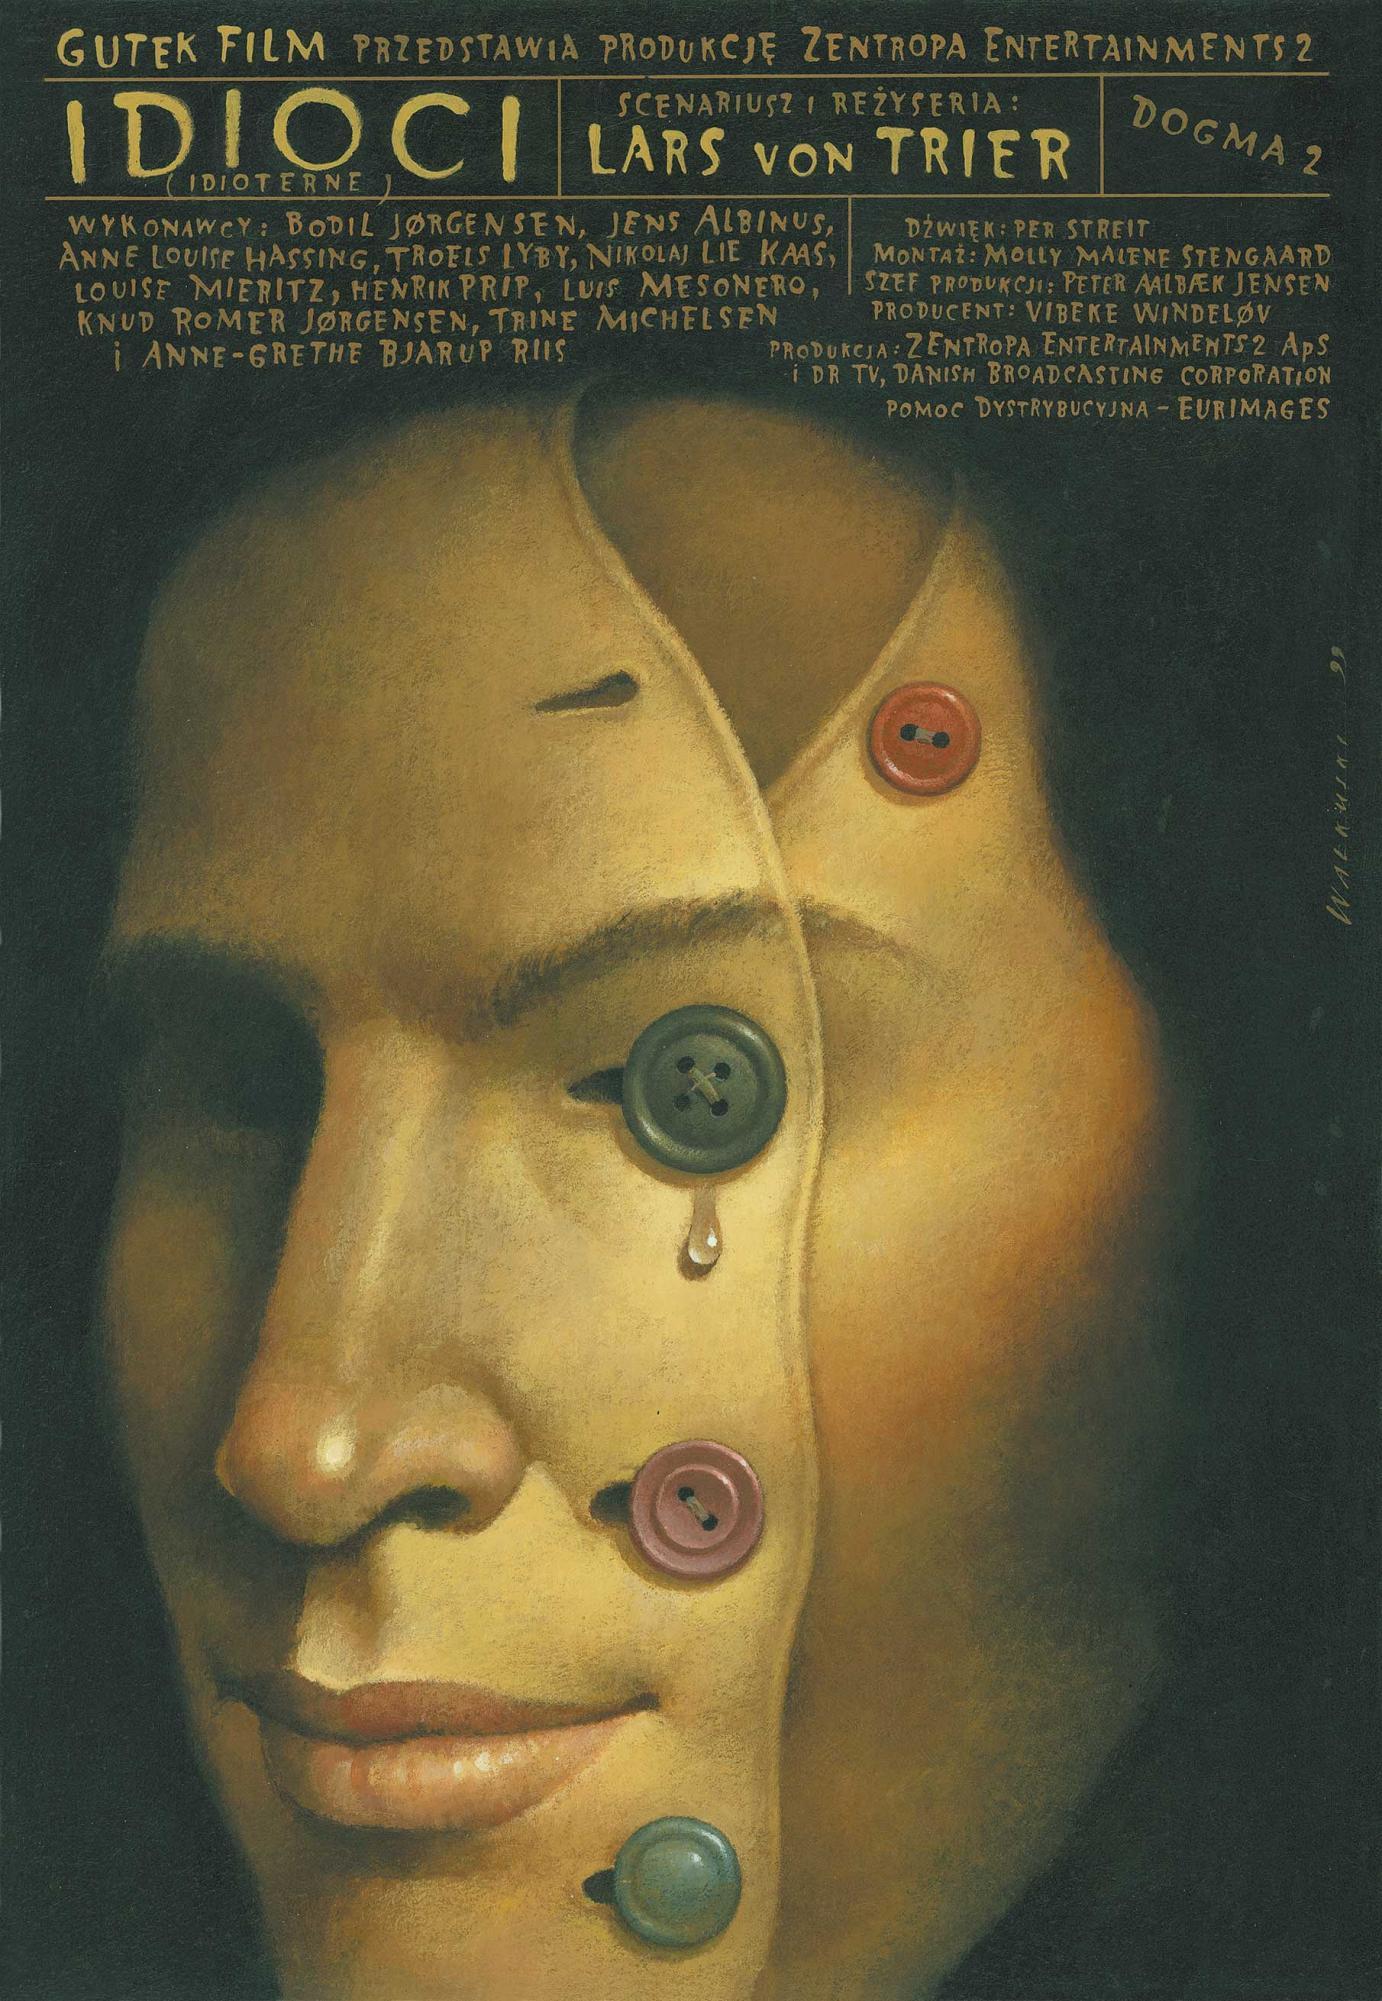 Wieslaw Walkuski »Idioci« (1999)